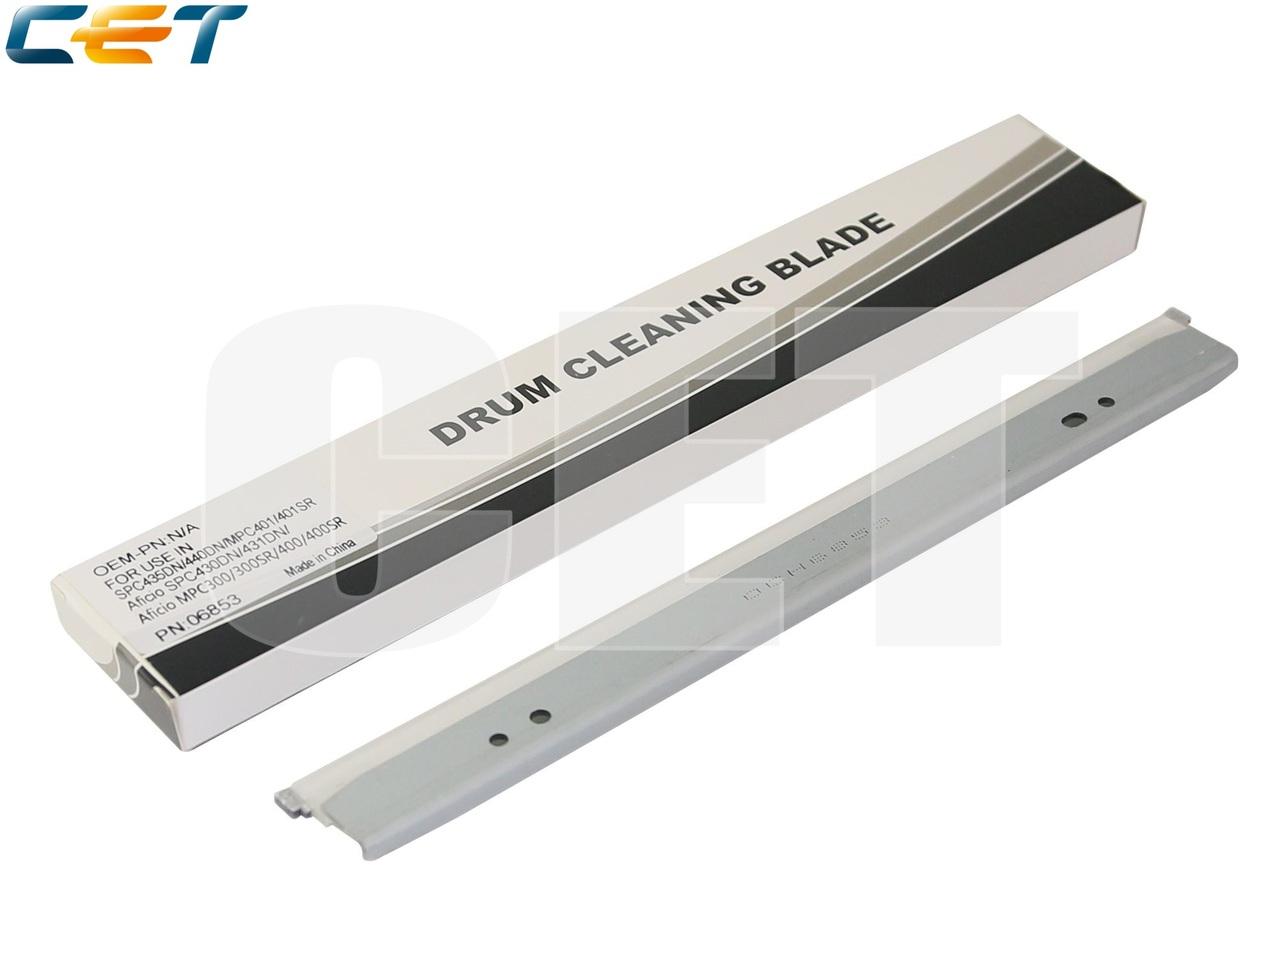 Ракель для RICOH MPC401, AficioMPC300/400/430DN/431DN/435DN/440DN (CET), CET6853